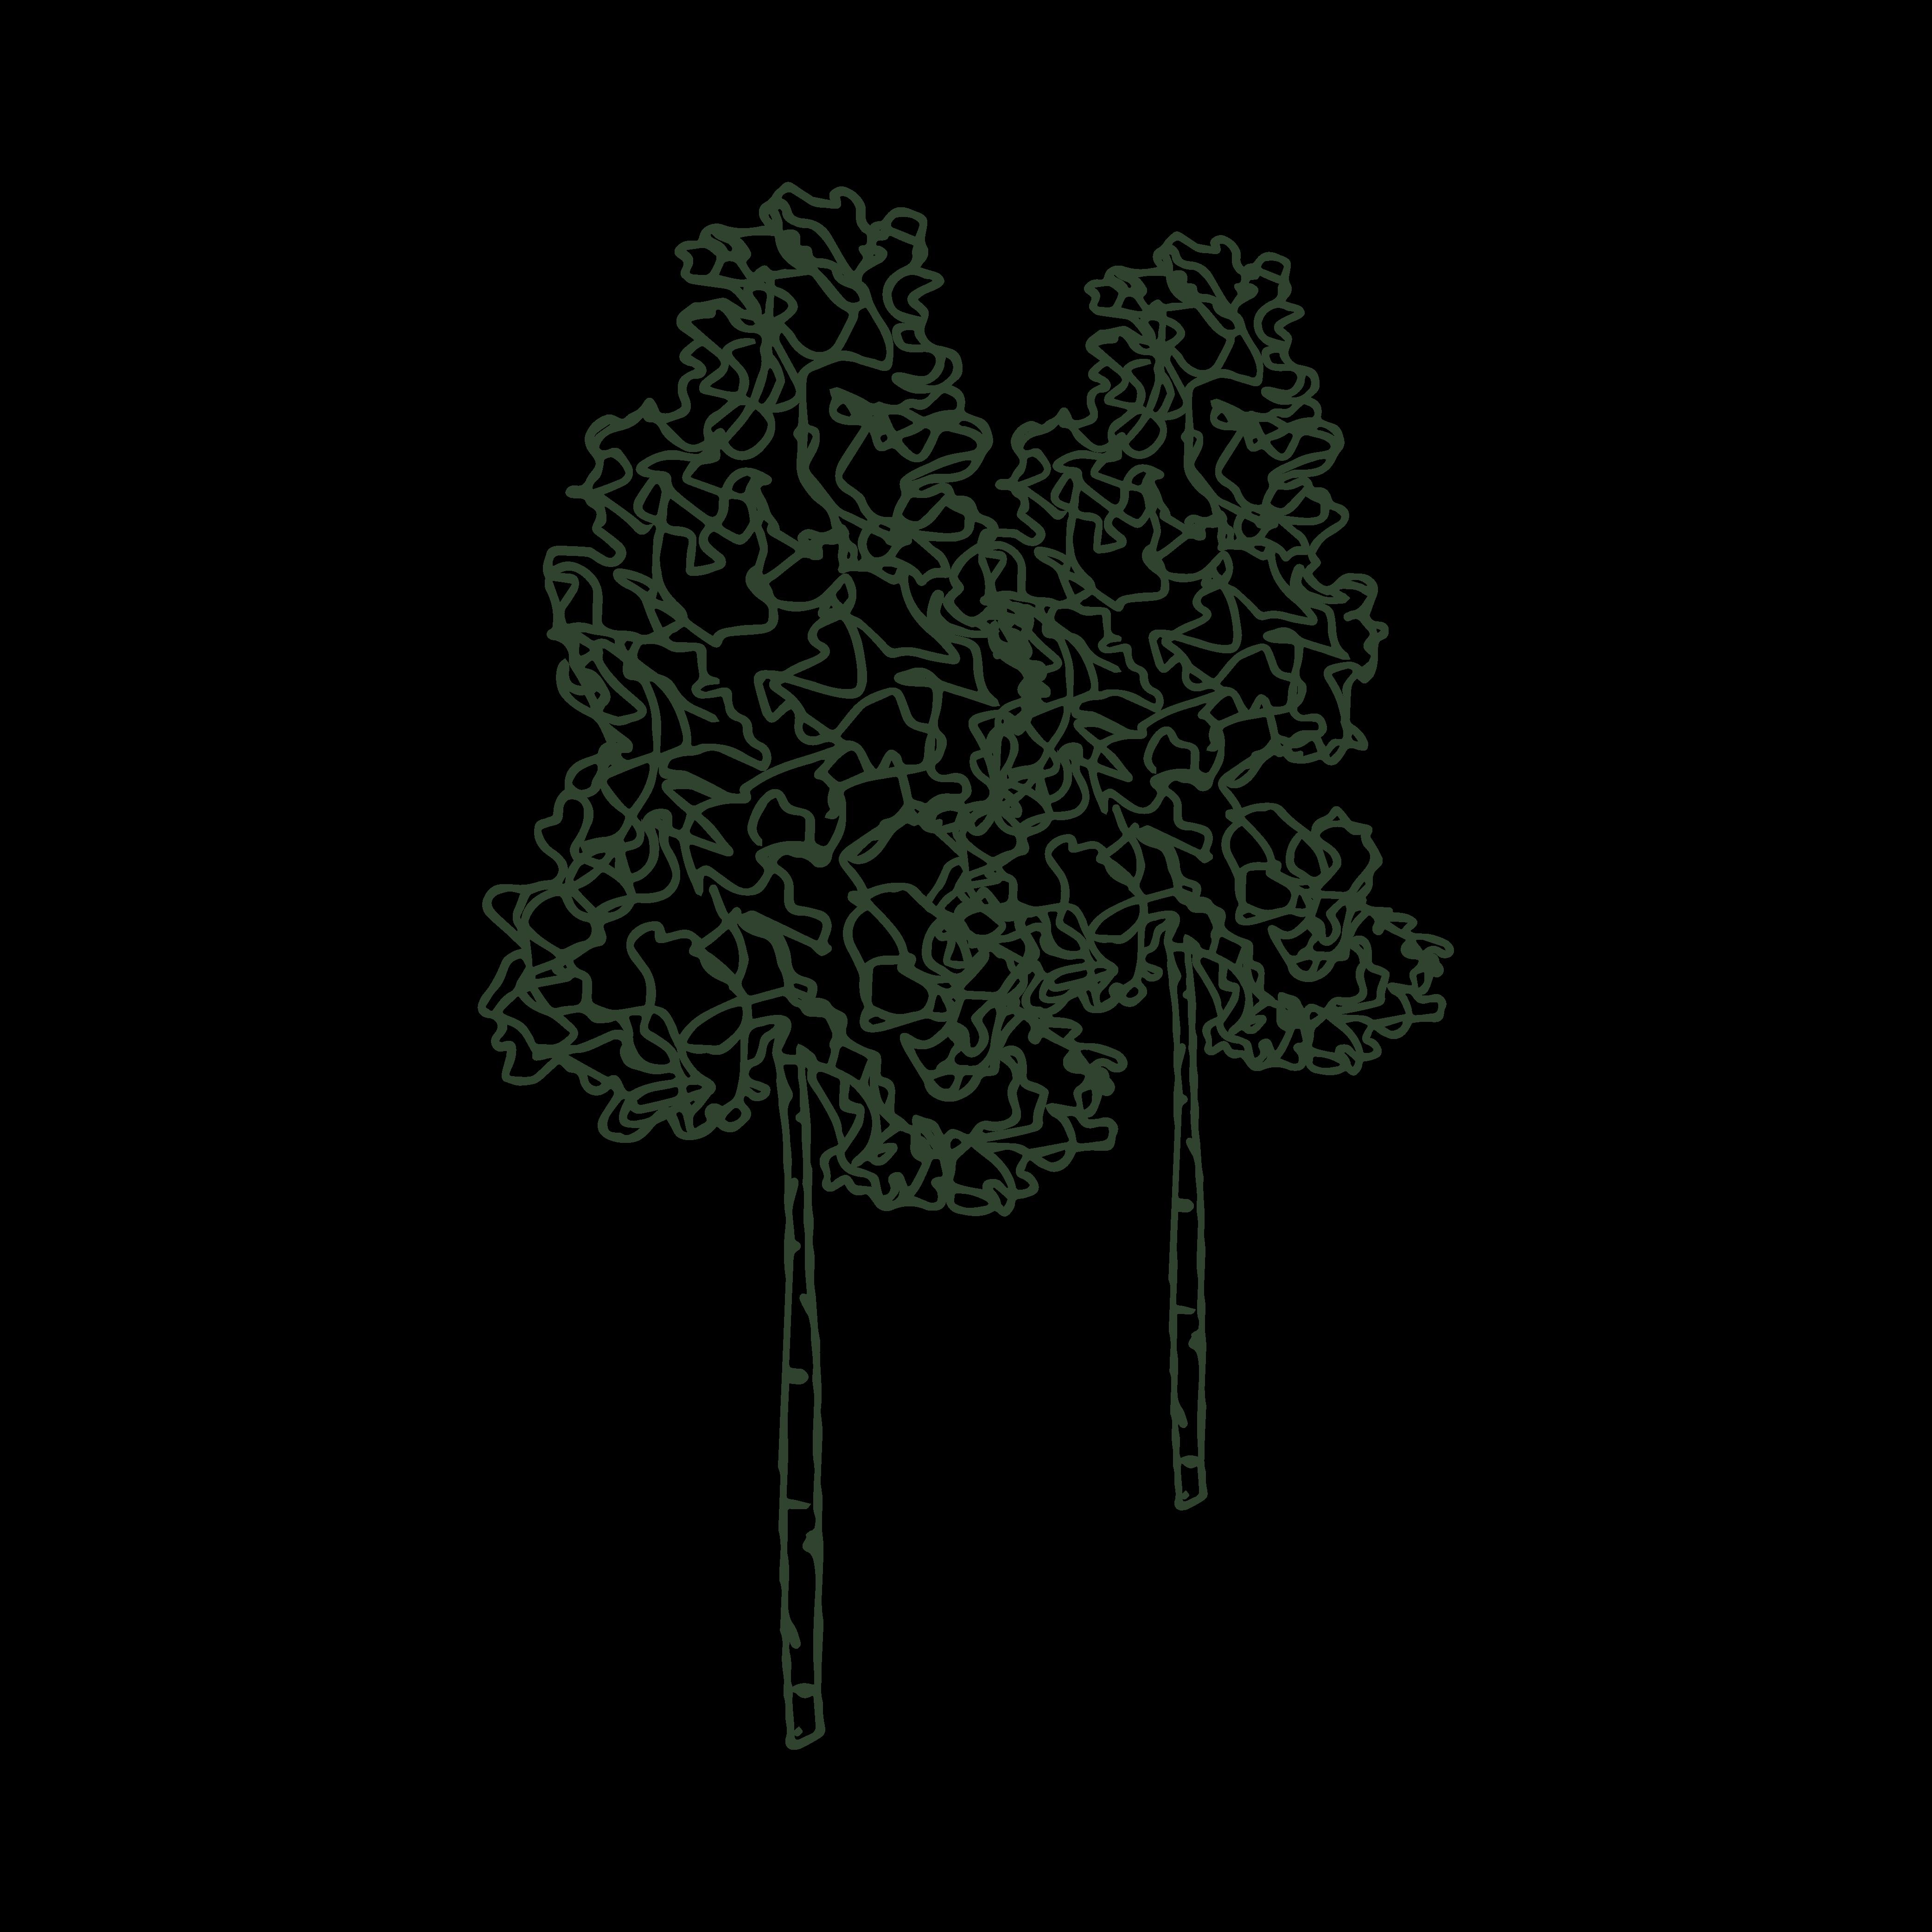 Tree-Mark%E2%80%94+Aspen